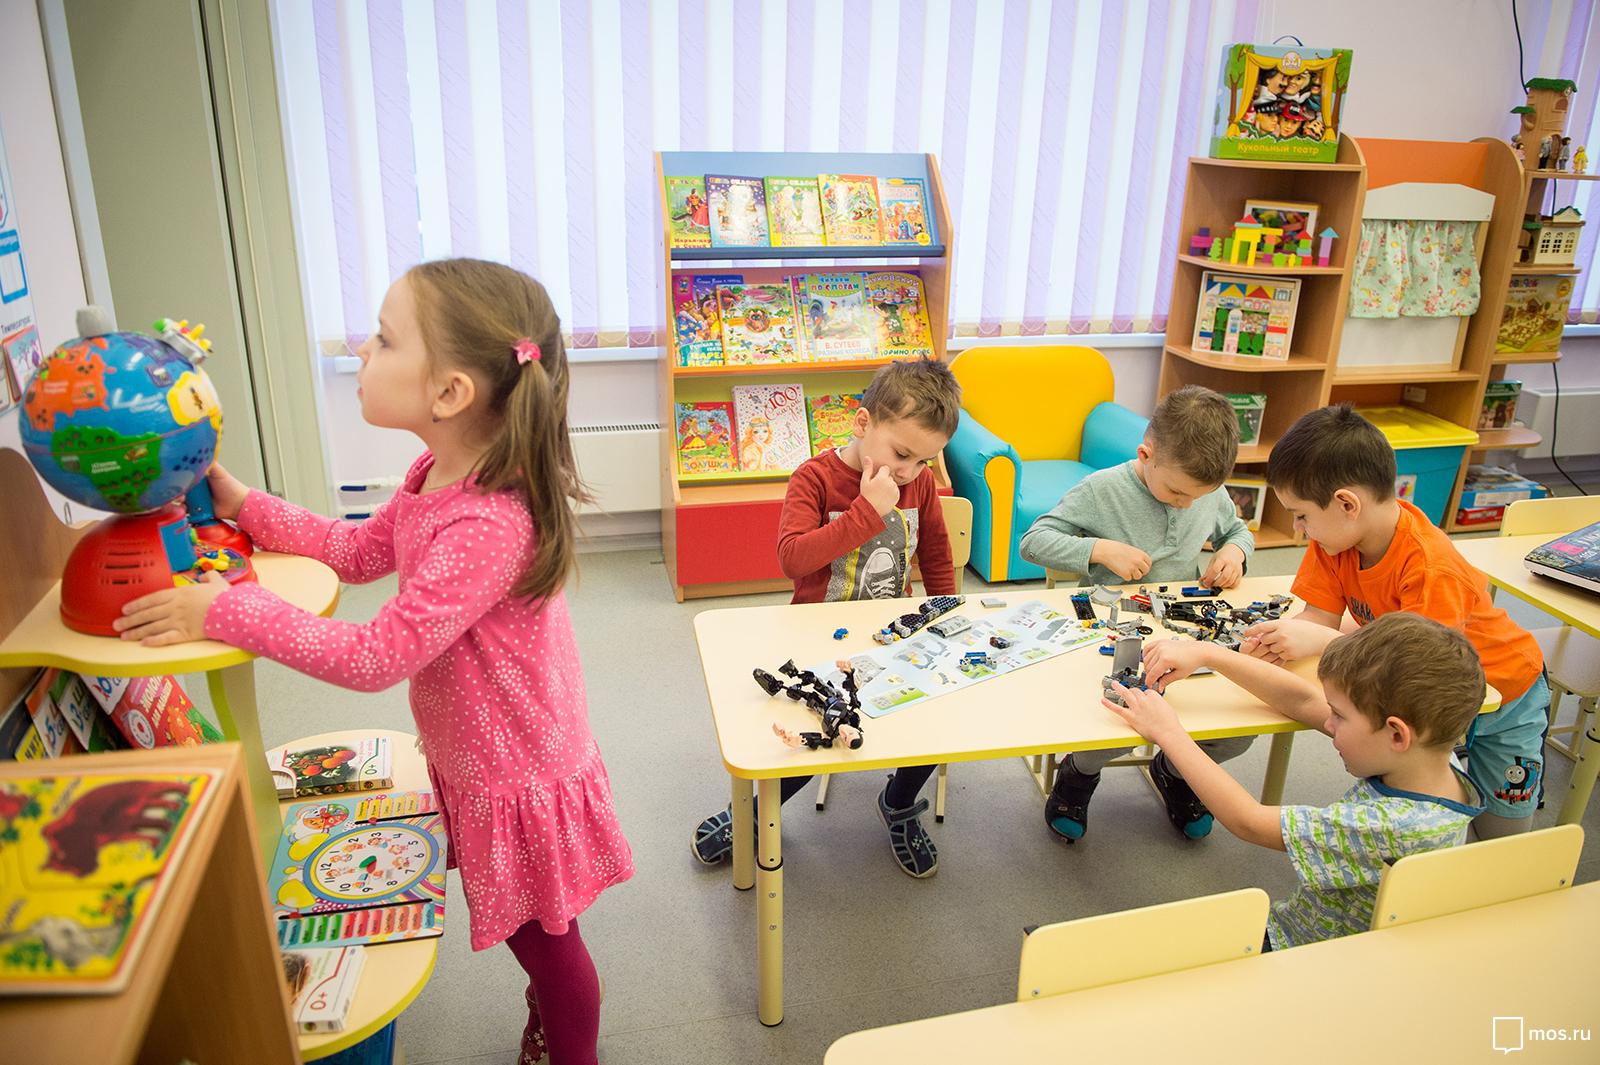 Детский сад построят в составе жилого комплекса в Новой Москве